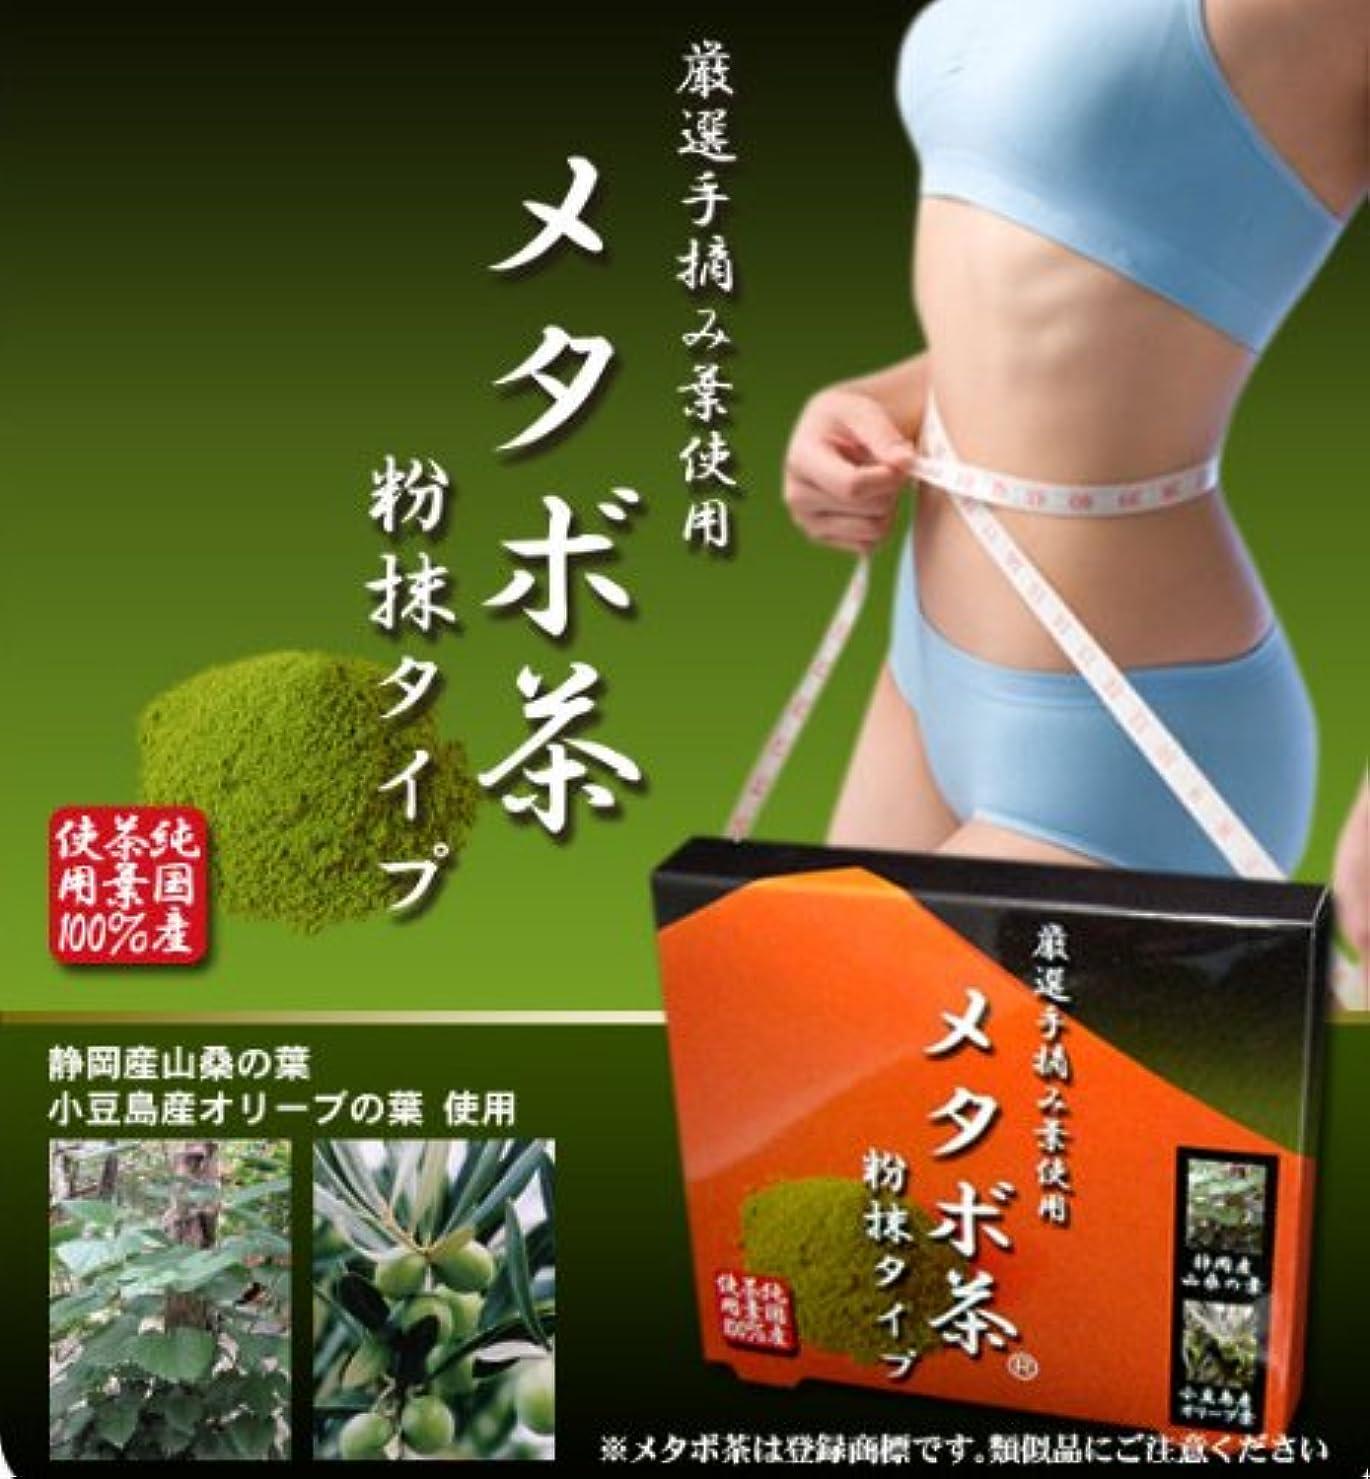 始めるスタッフ原理メタボ茶粉抹タイプ 2個セット(完全無農薬 純国産茶葉100%使用ダイエット茶)